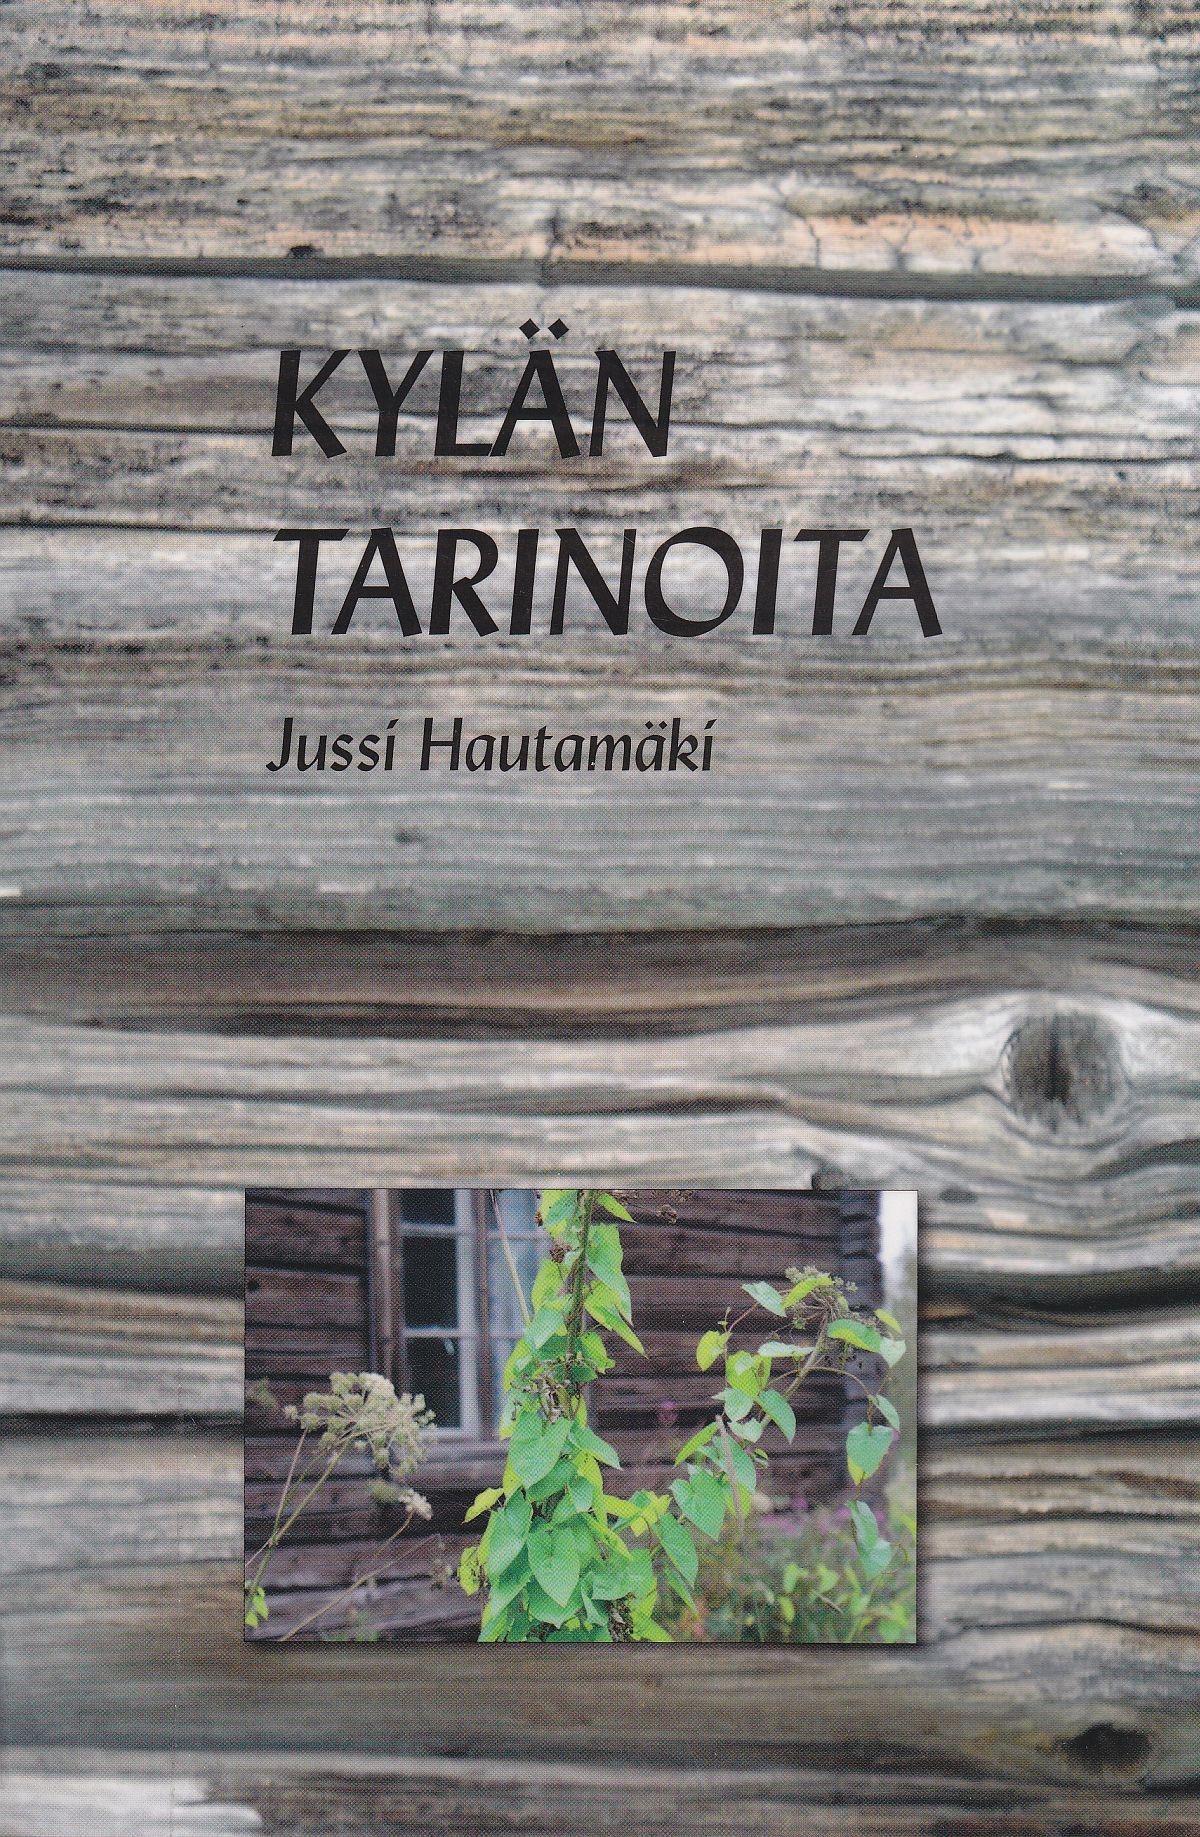 Jussi Hautameän Kylän tarinoita -teoksen kansikuva